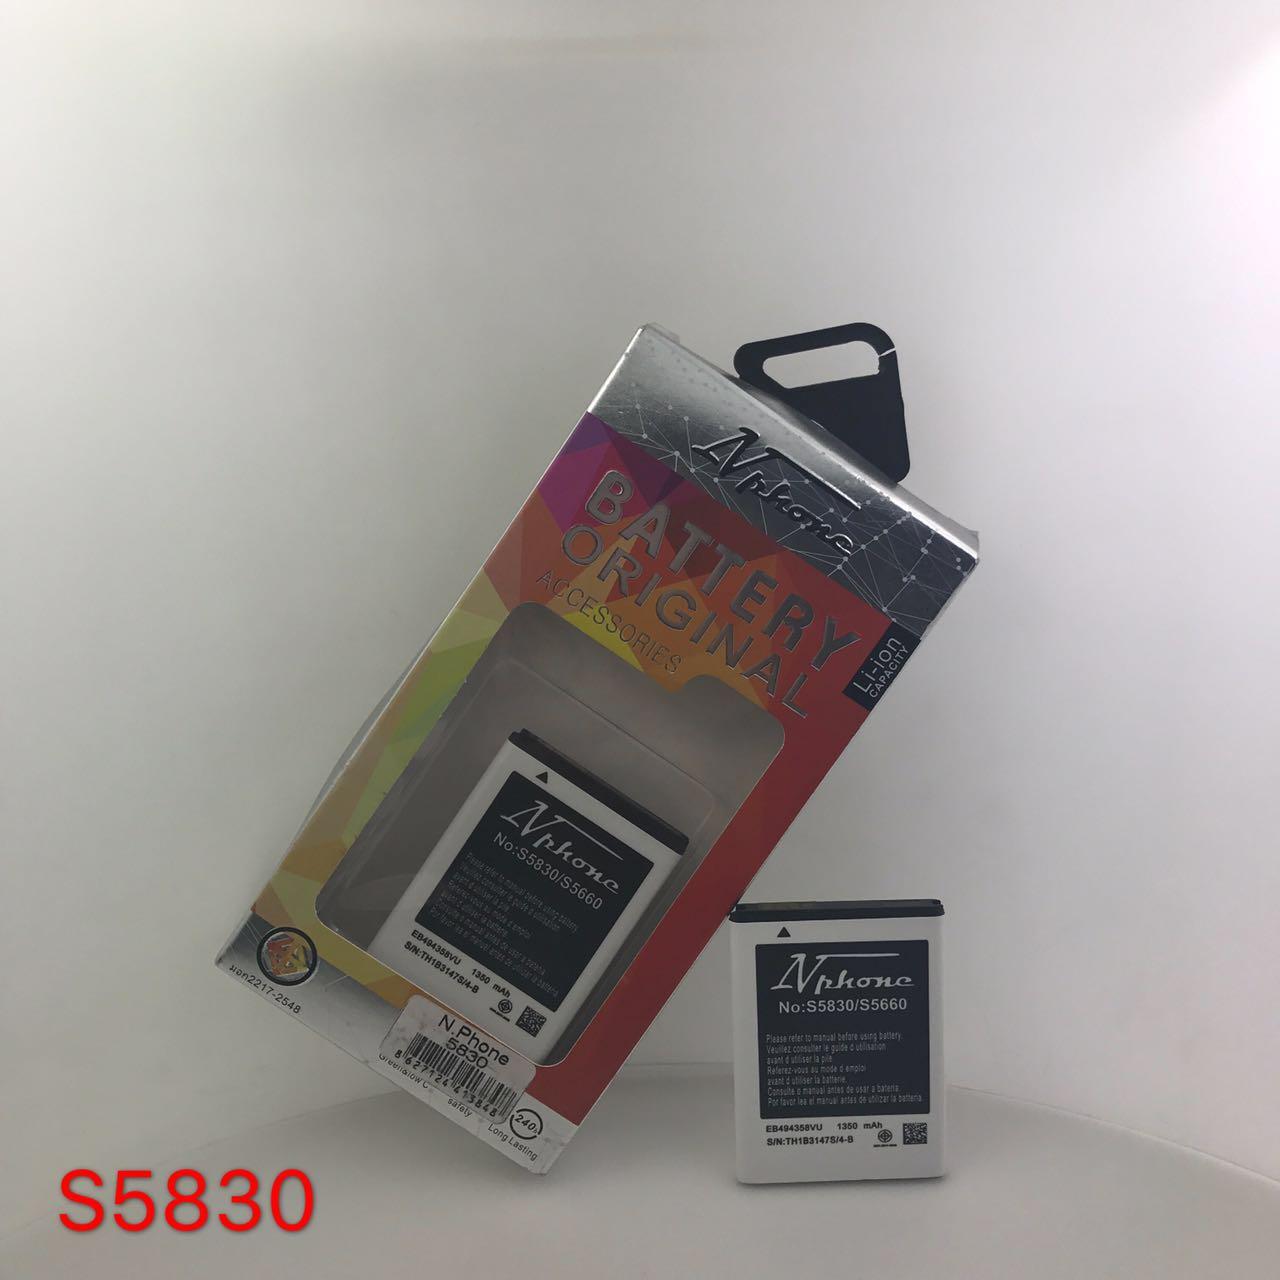 แบตเตอร์รี่ งานบริษัท ( มี มอก ไส้เต็ม ) Samsung Galaxy Cooper // s5830